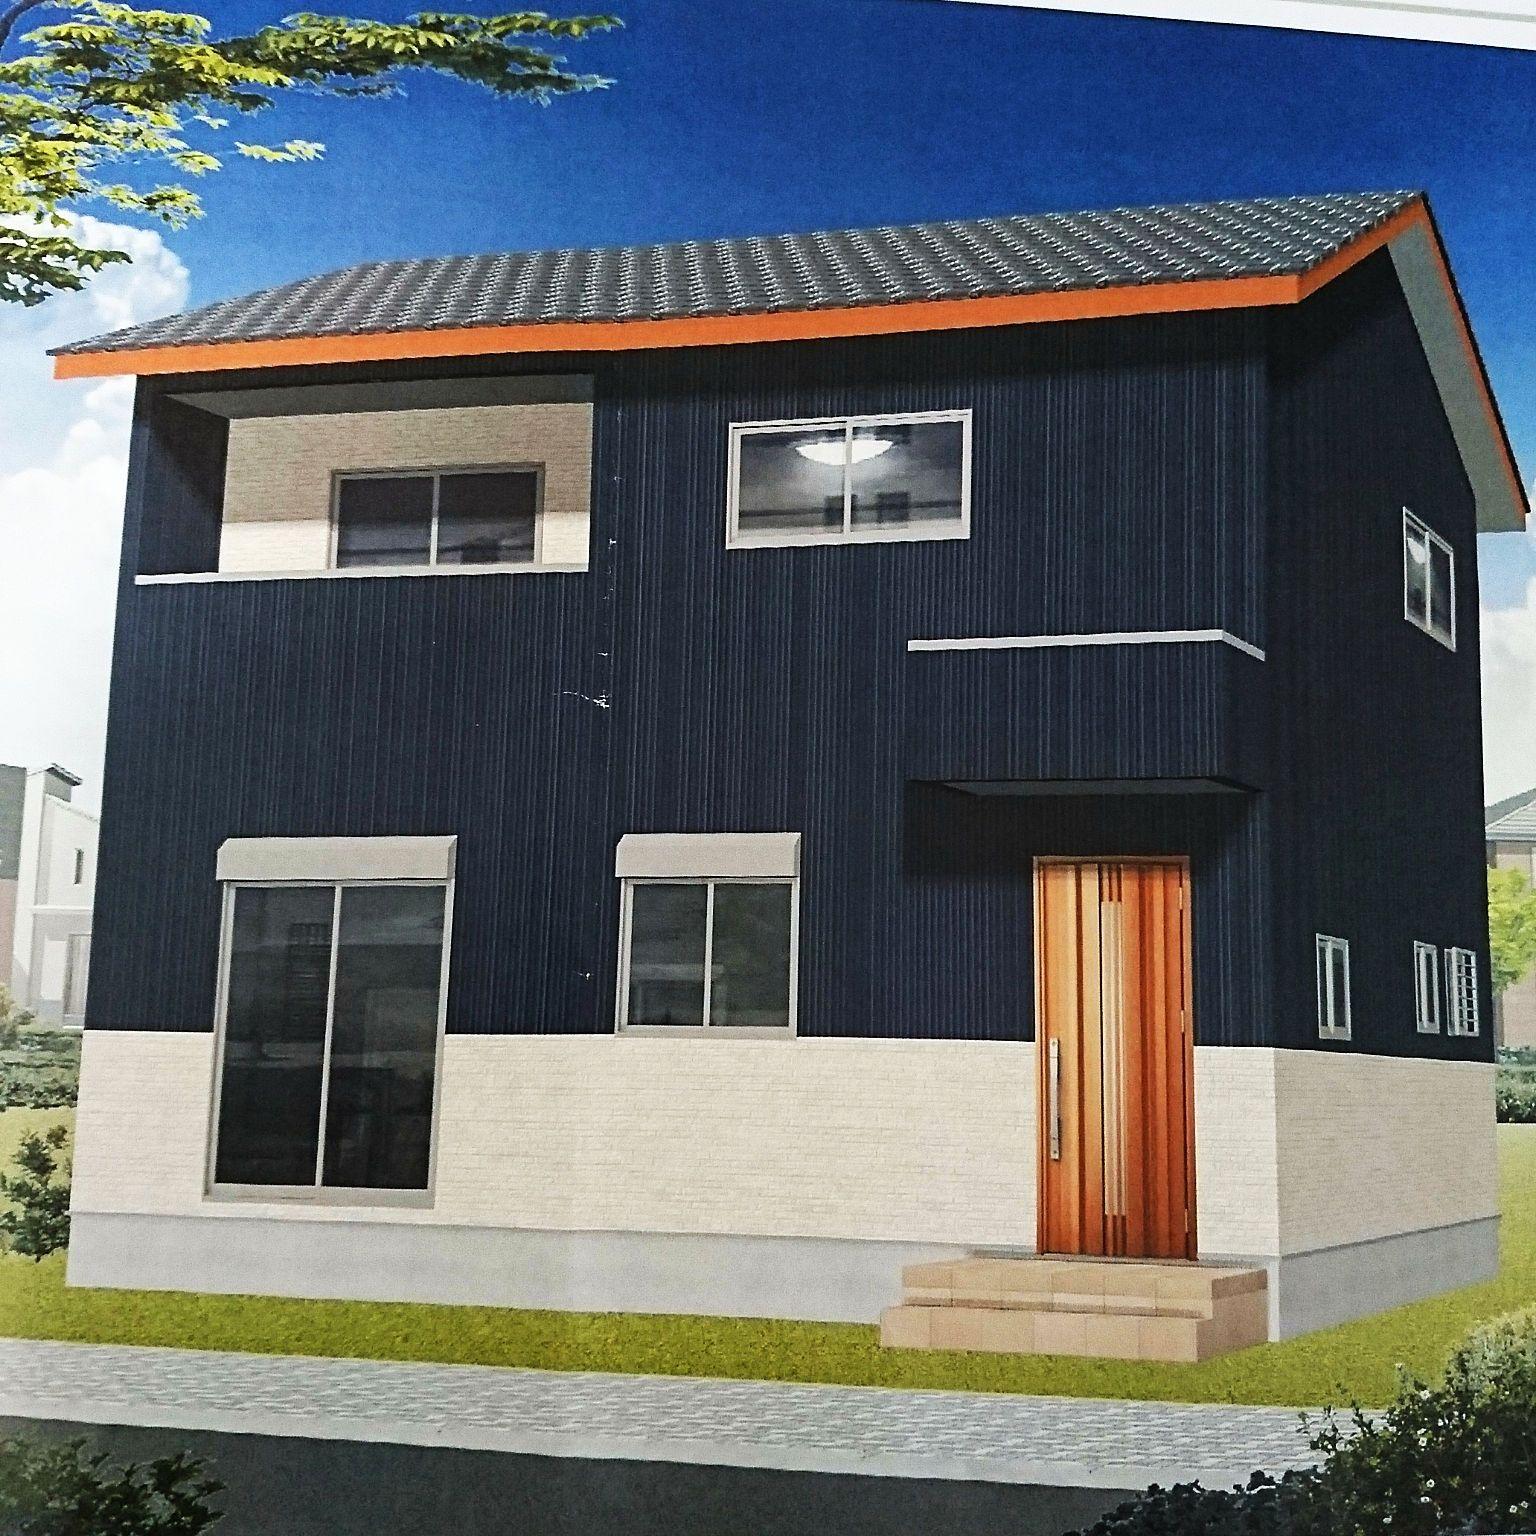 ガルバリウム外壁 瓦屋根 部屋全体 外観イメージ ネイビーブルーの家